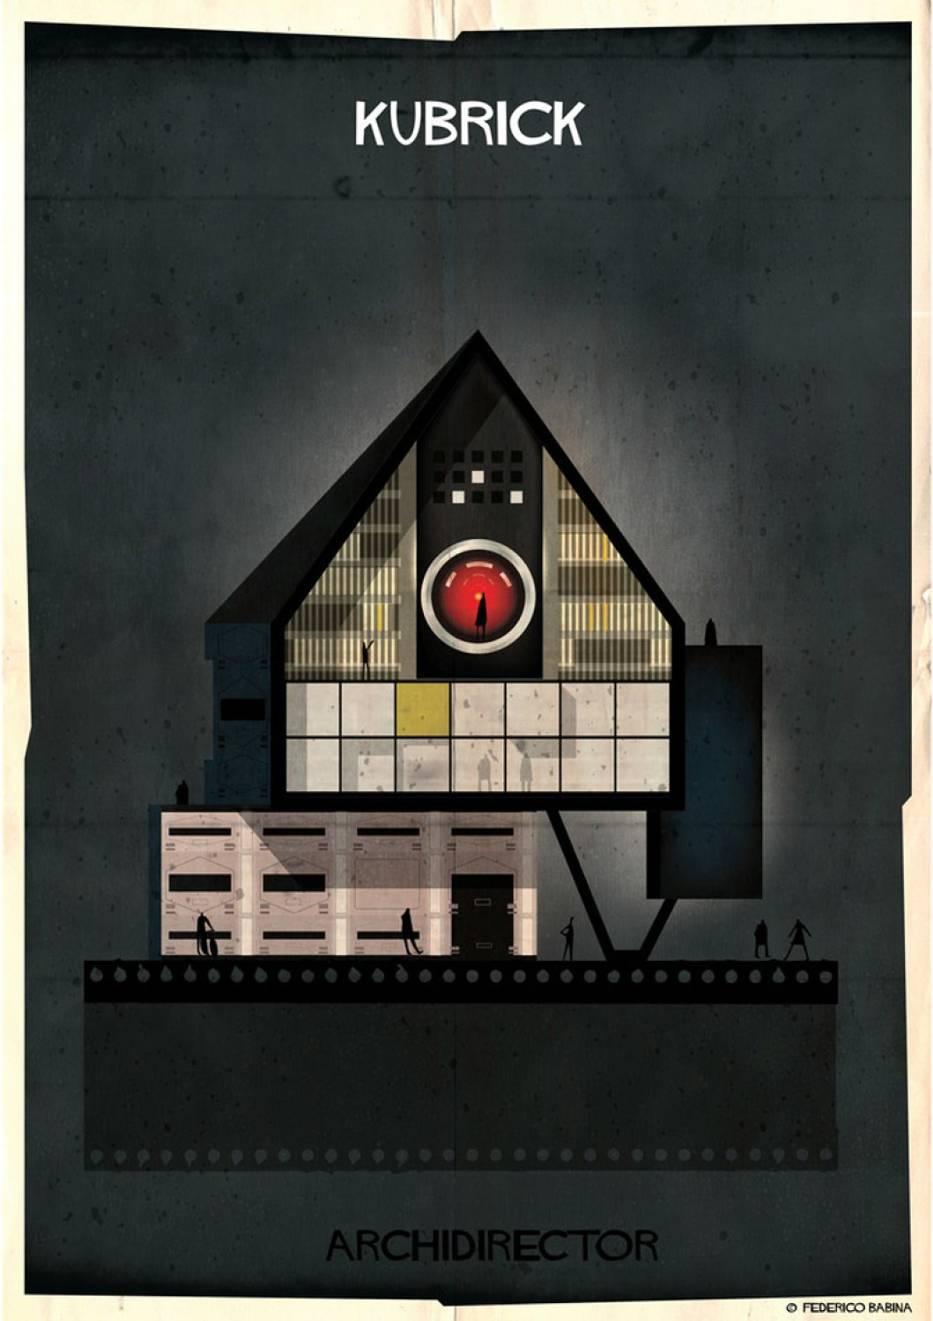 Archidirector: reżyserzy niczym domy